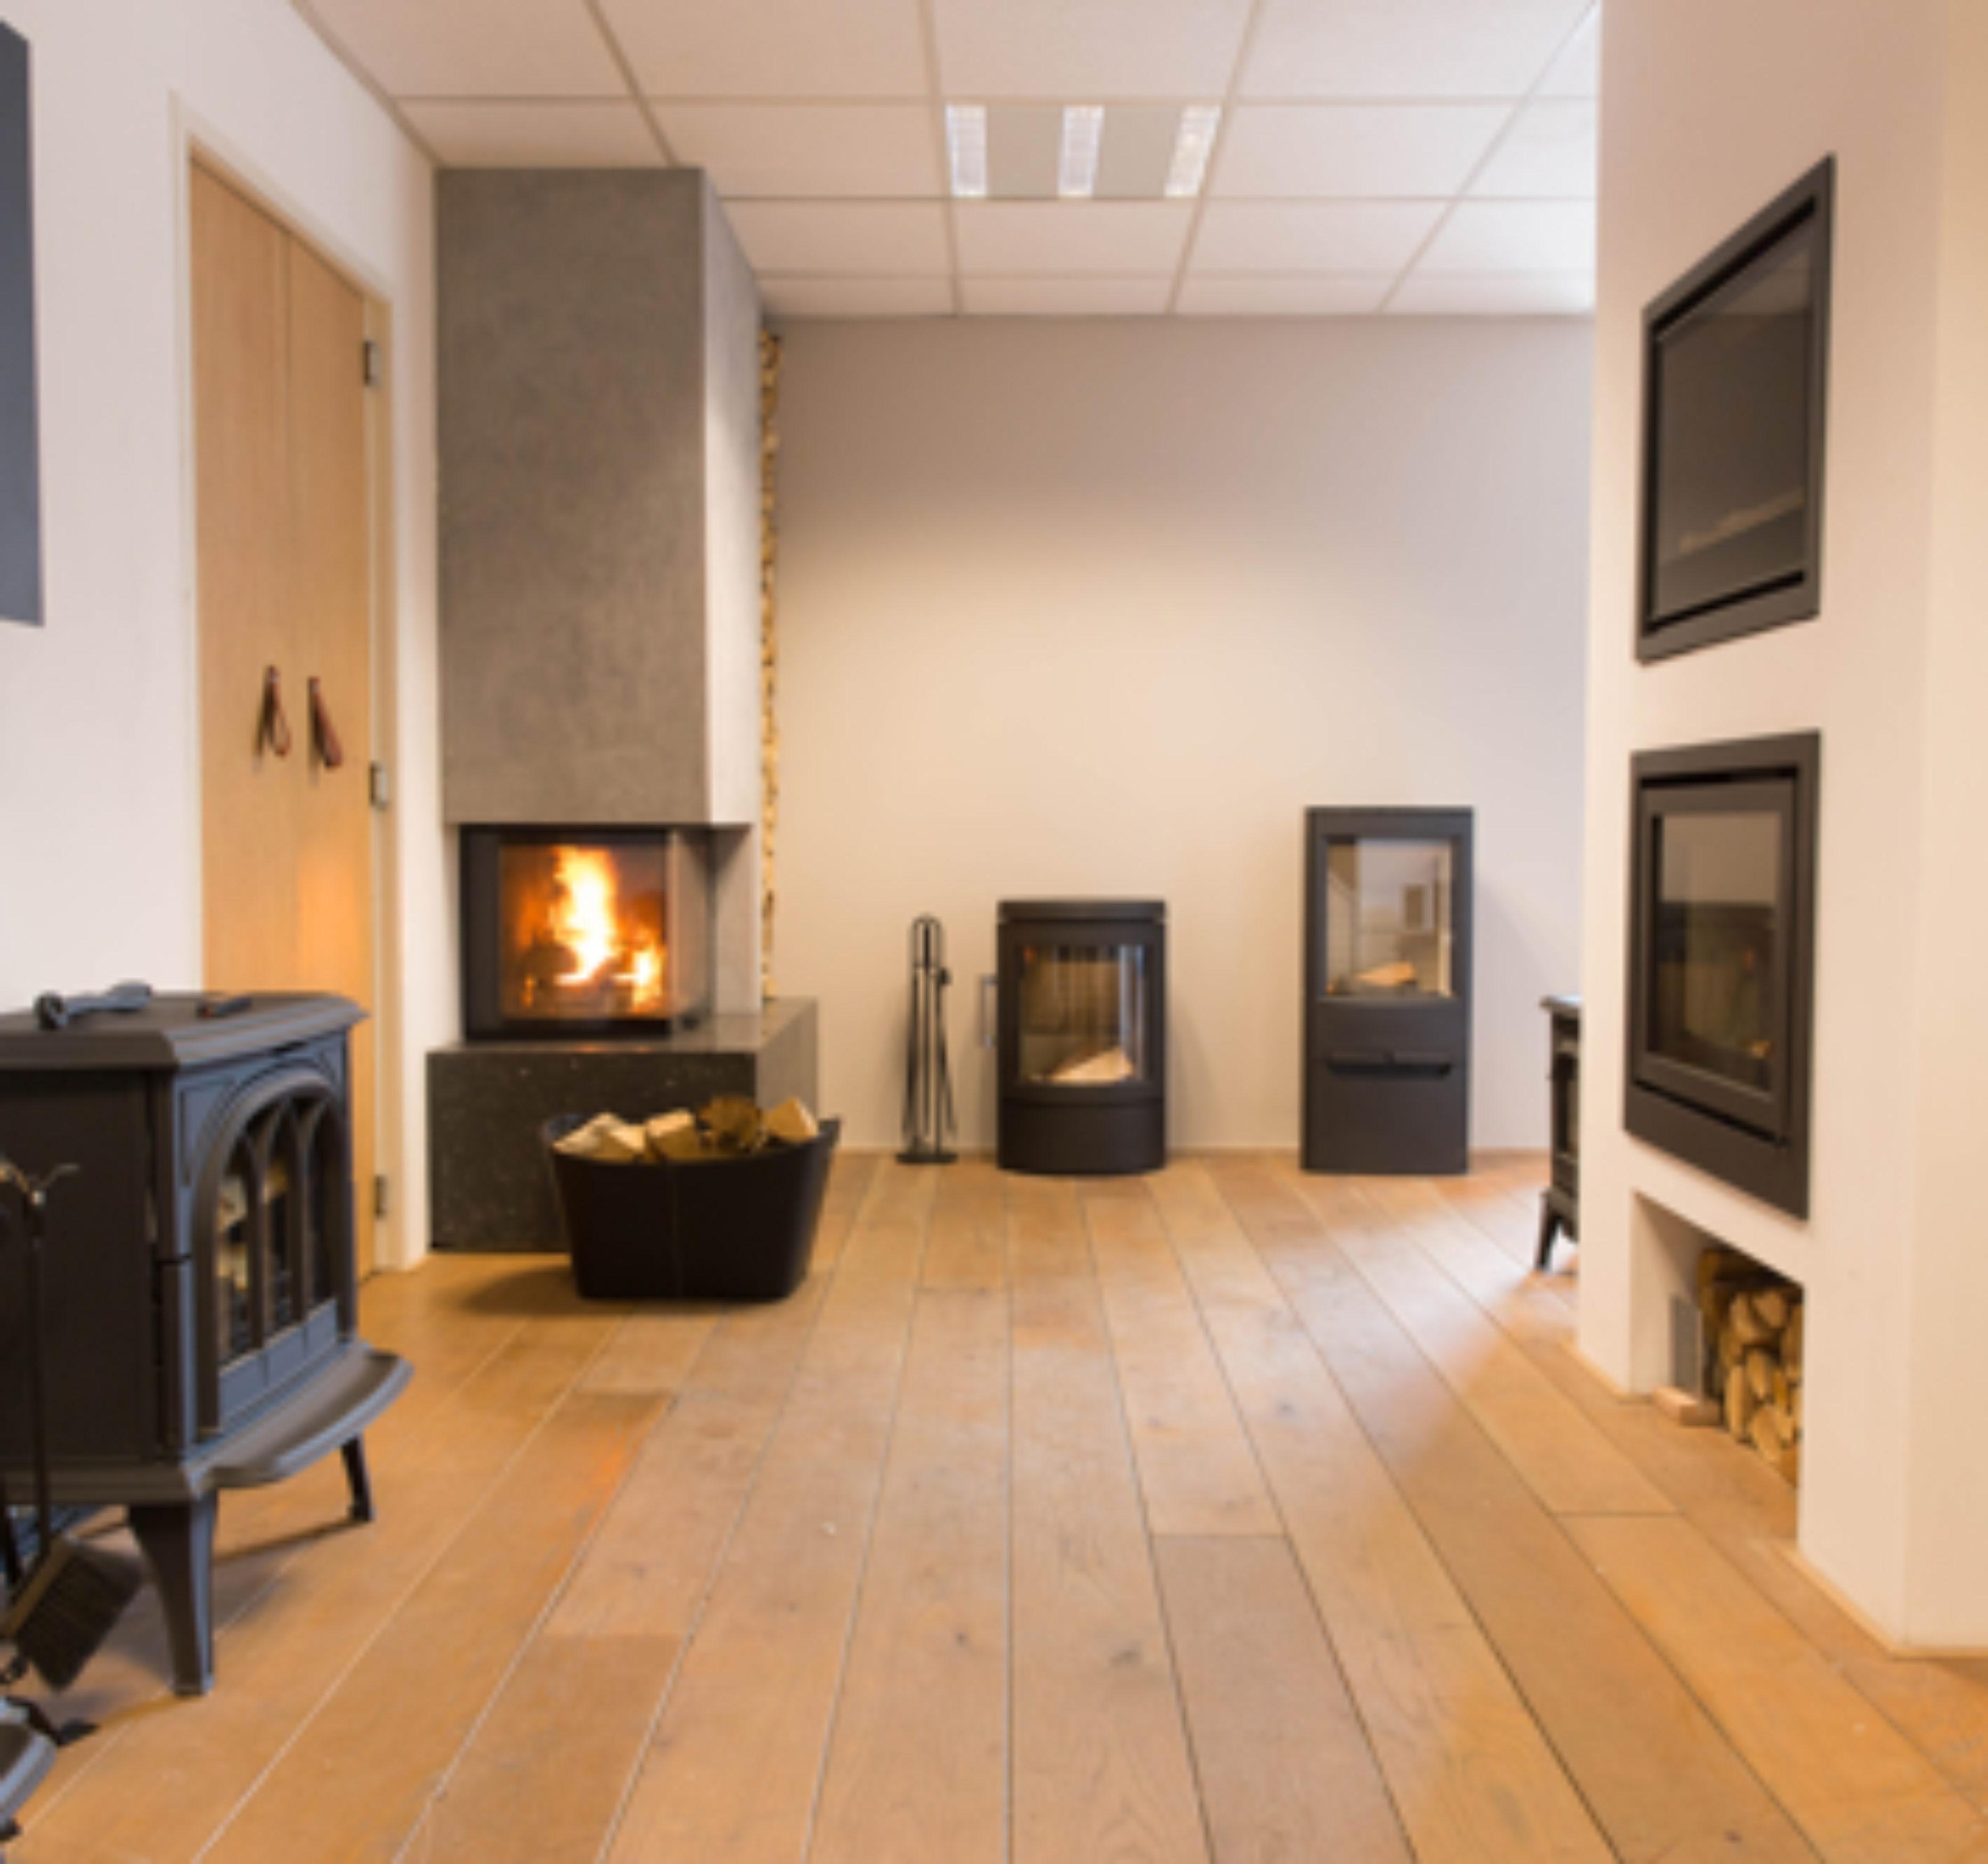 tibas-haarden-kachels-gouda-showroom-26